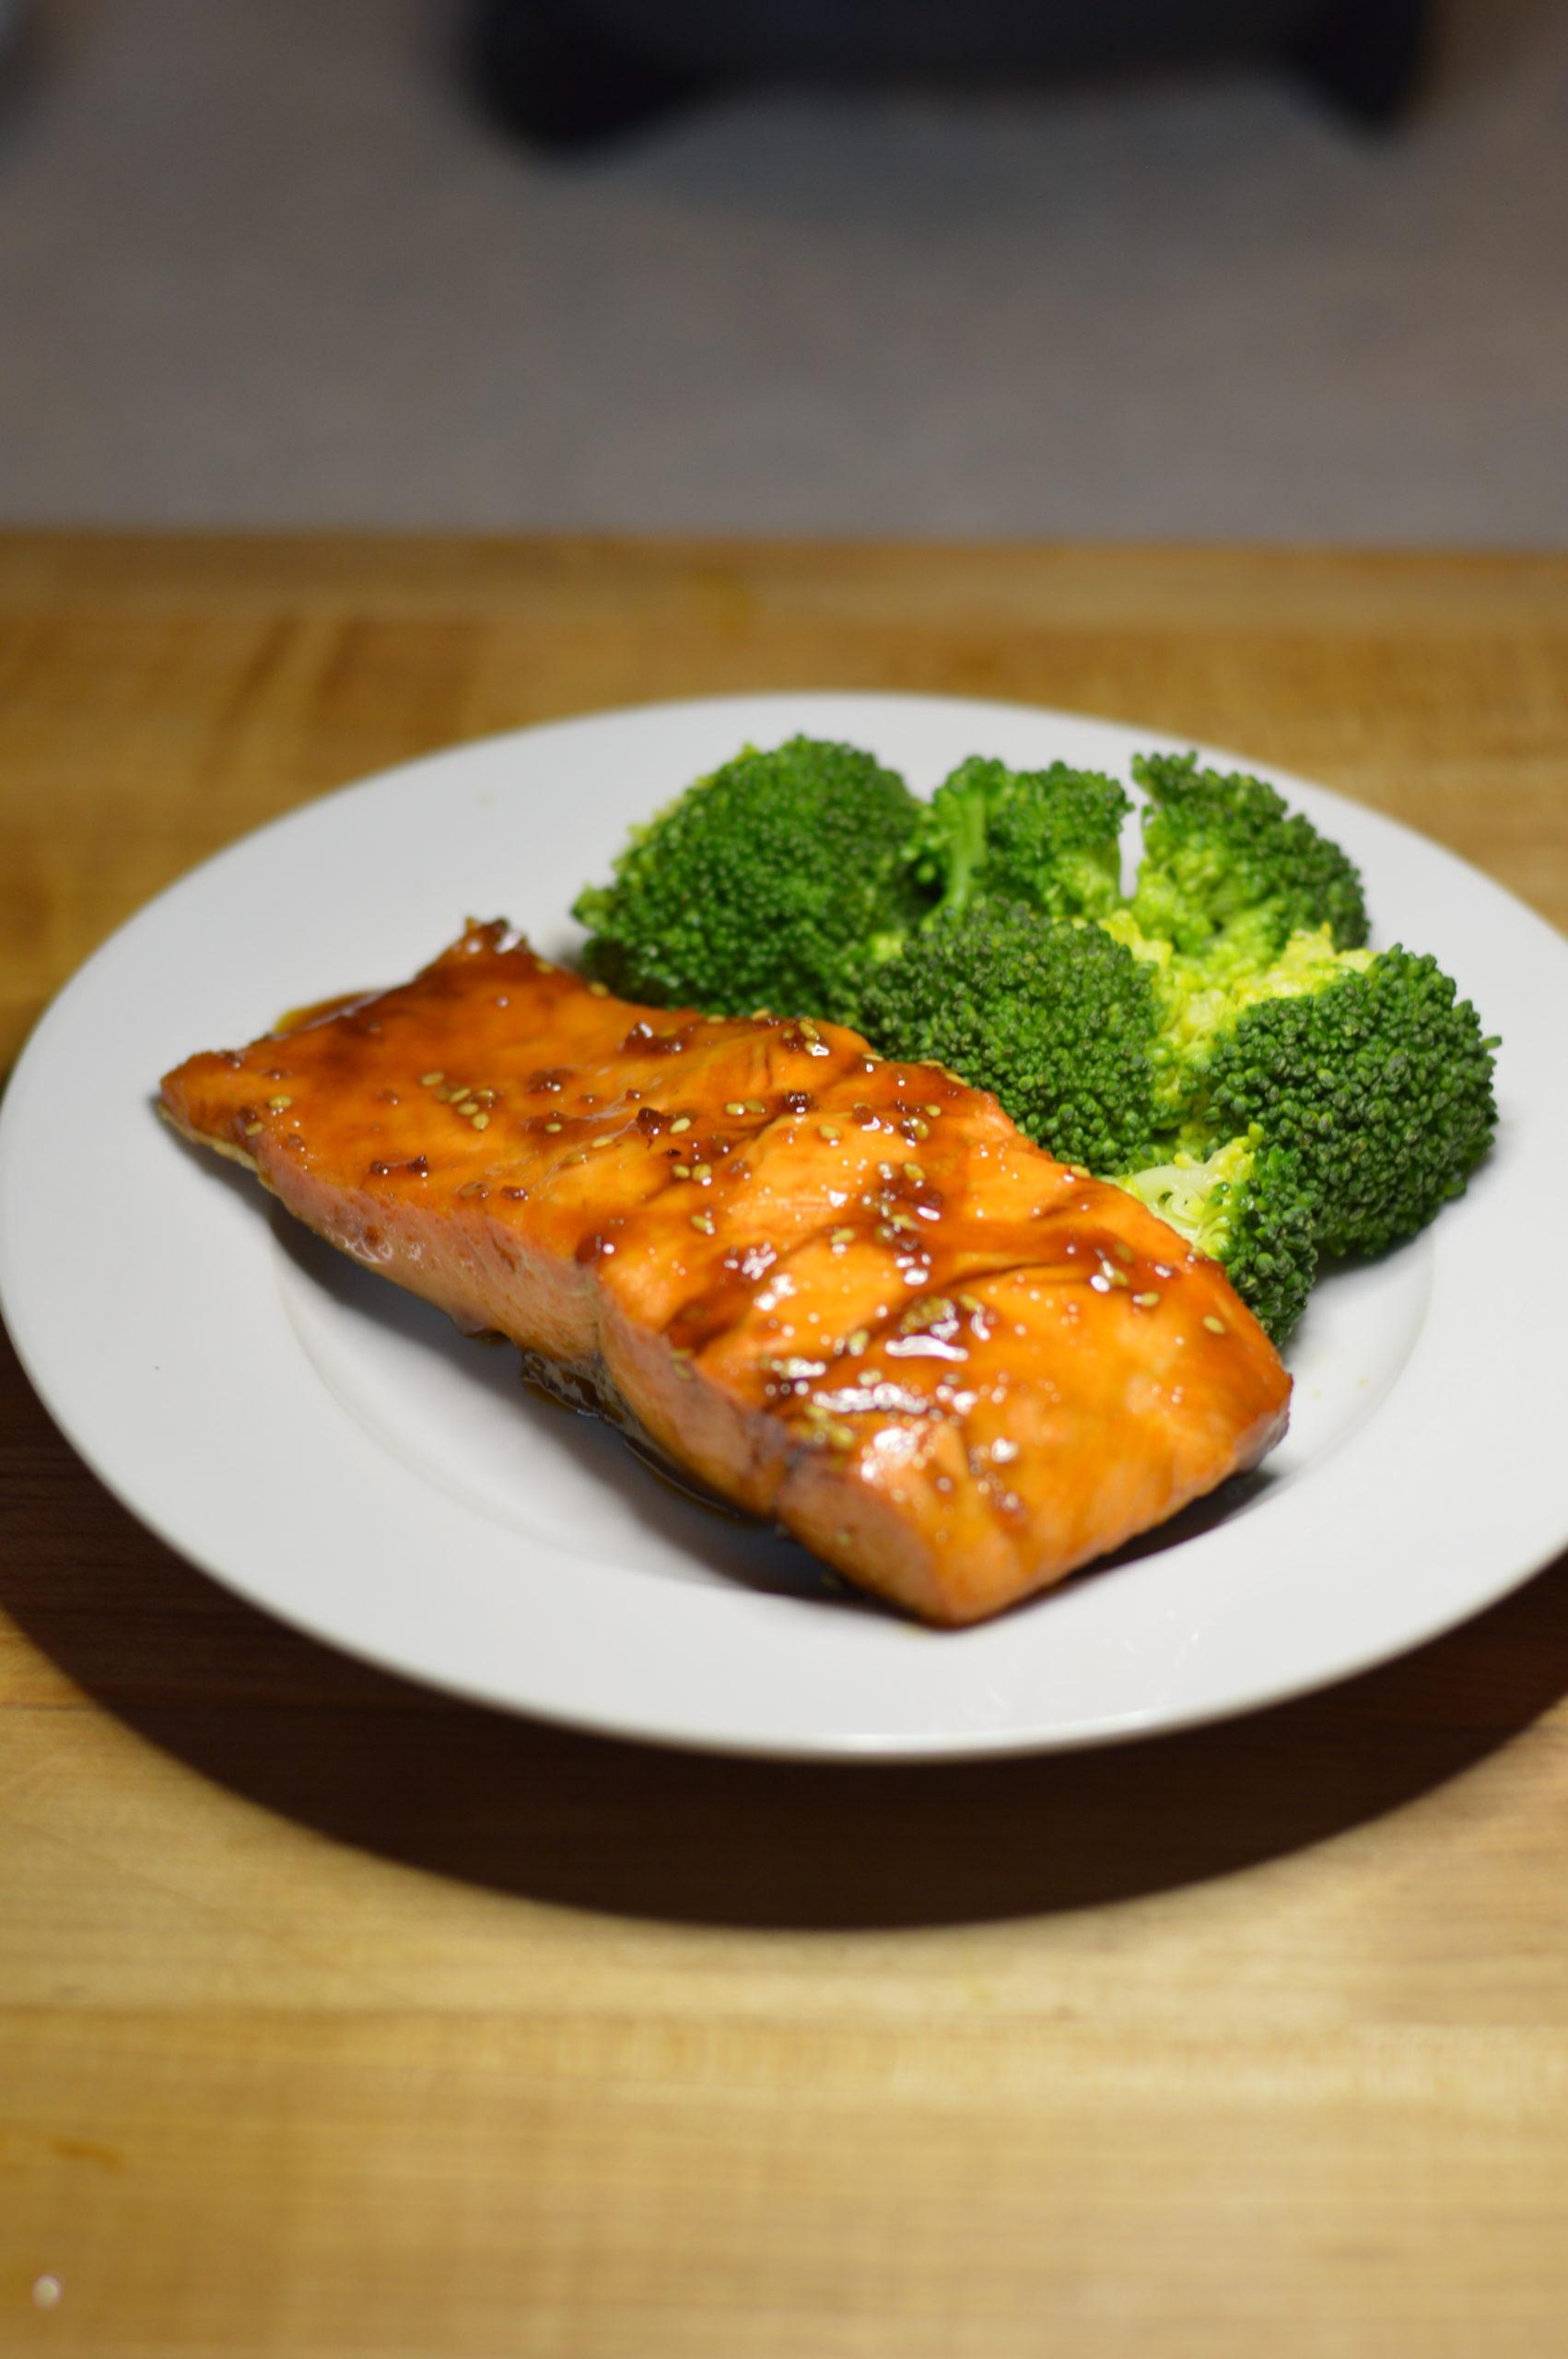 Salmon with Asian glaze